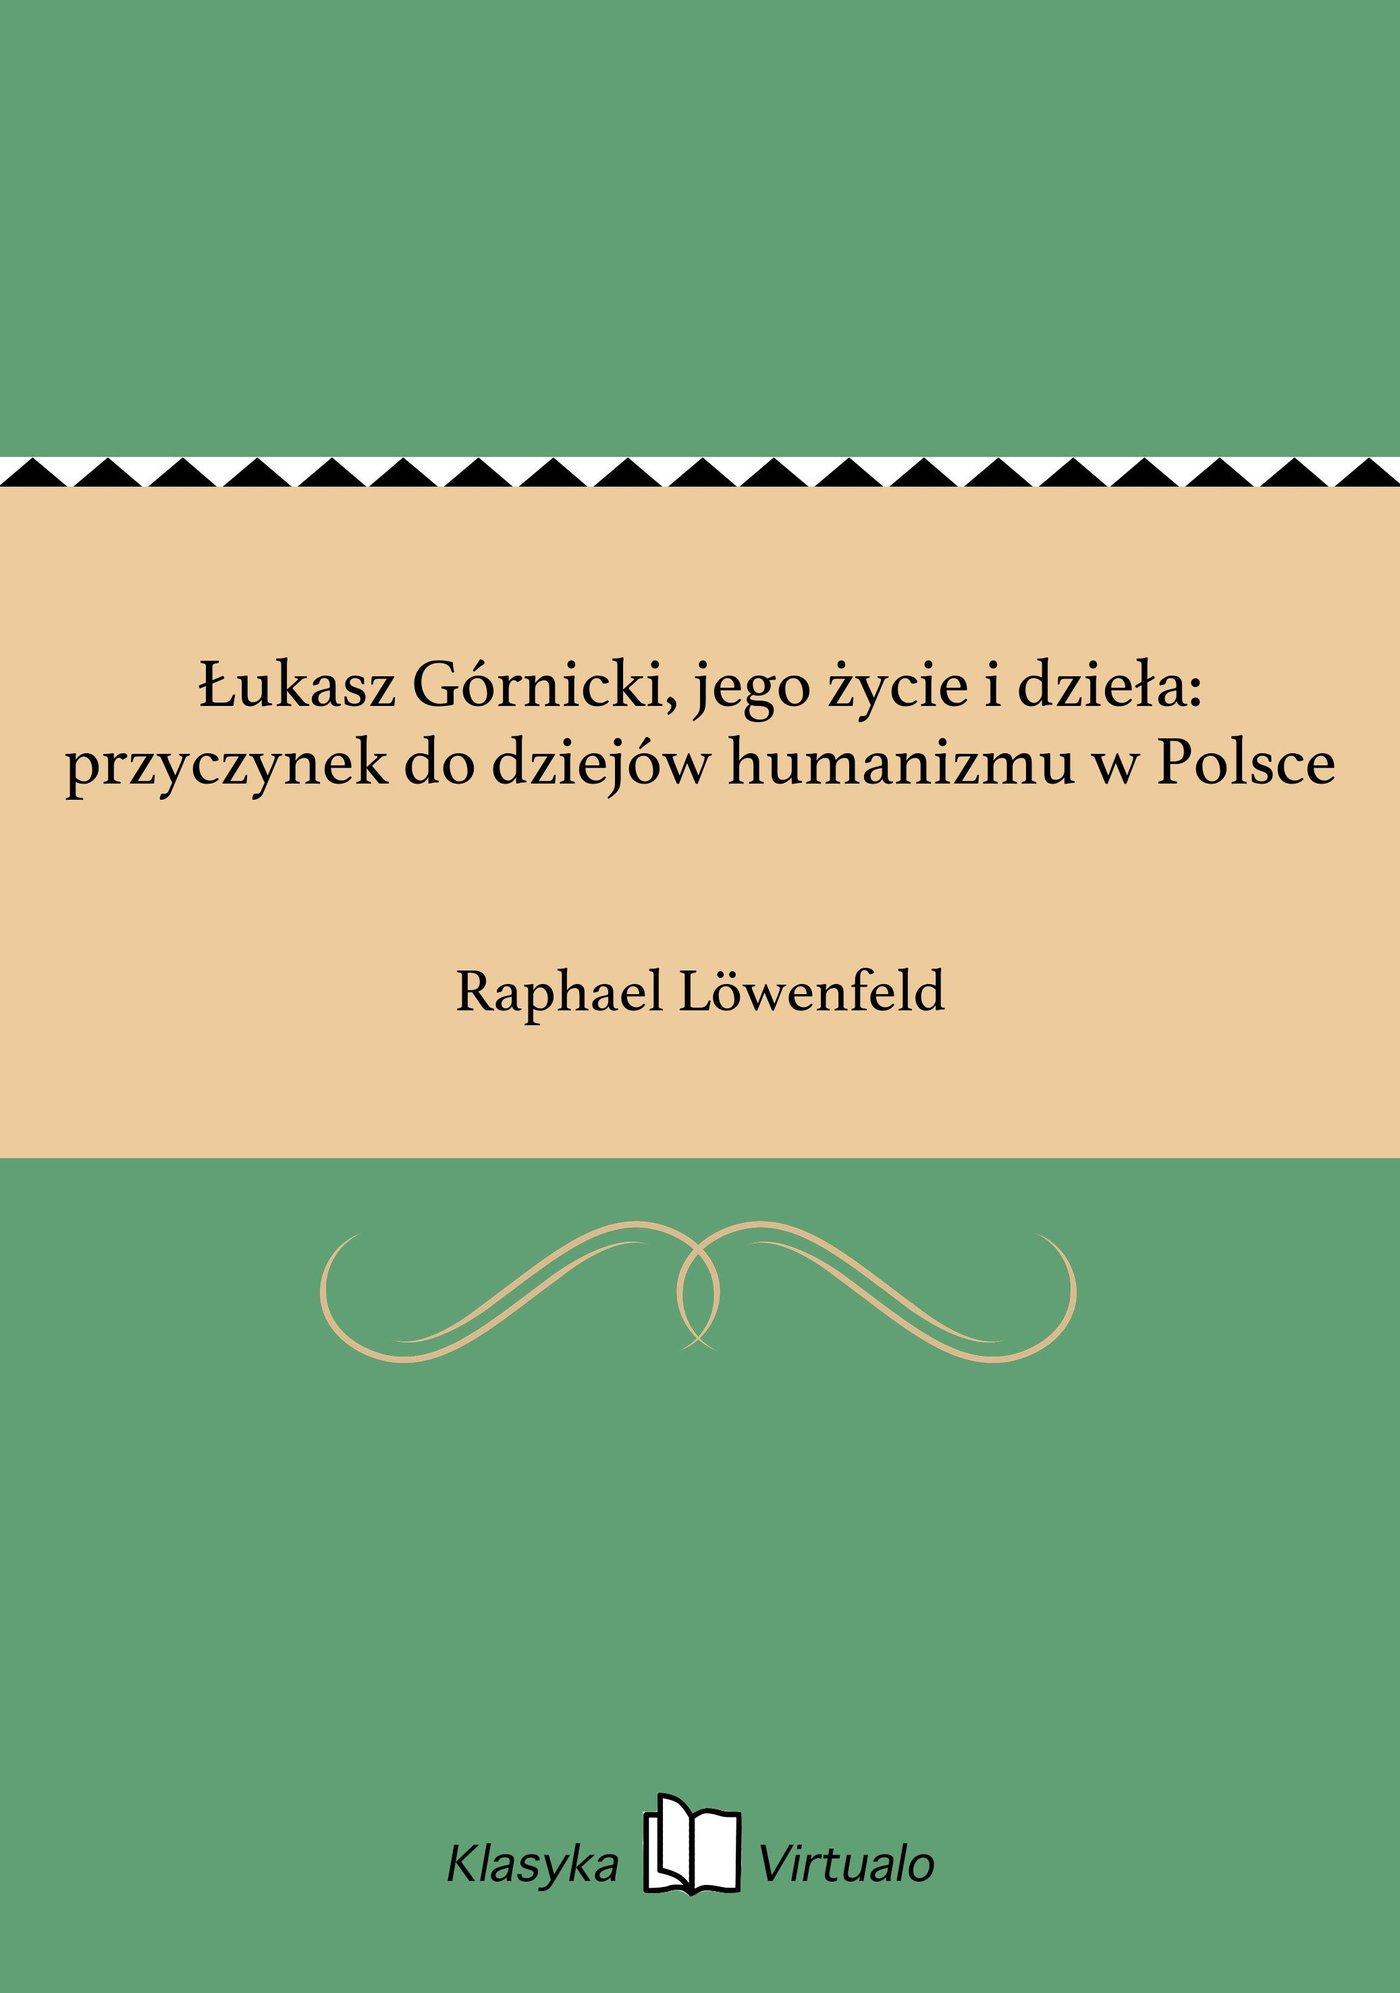 Łukasz Górnicki, jego życie i dzieła: przyczynek do dziejów humanizmu w Polsce - Ebook (Książka na Kindle) do pobrania w formacie MOBI